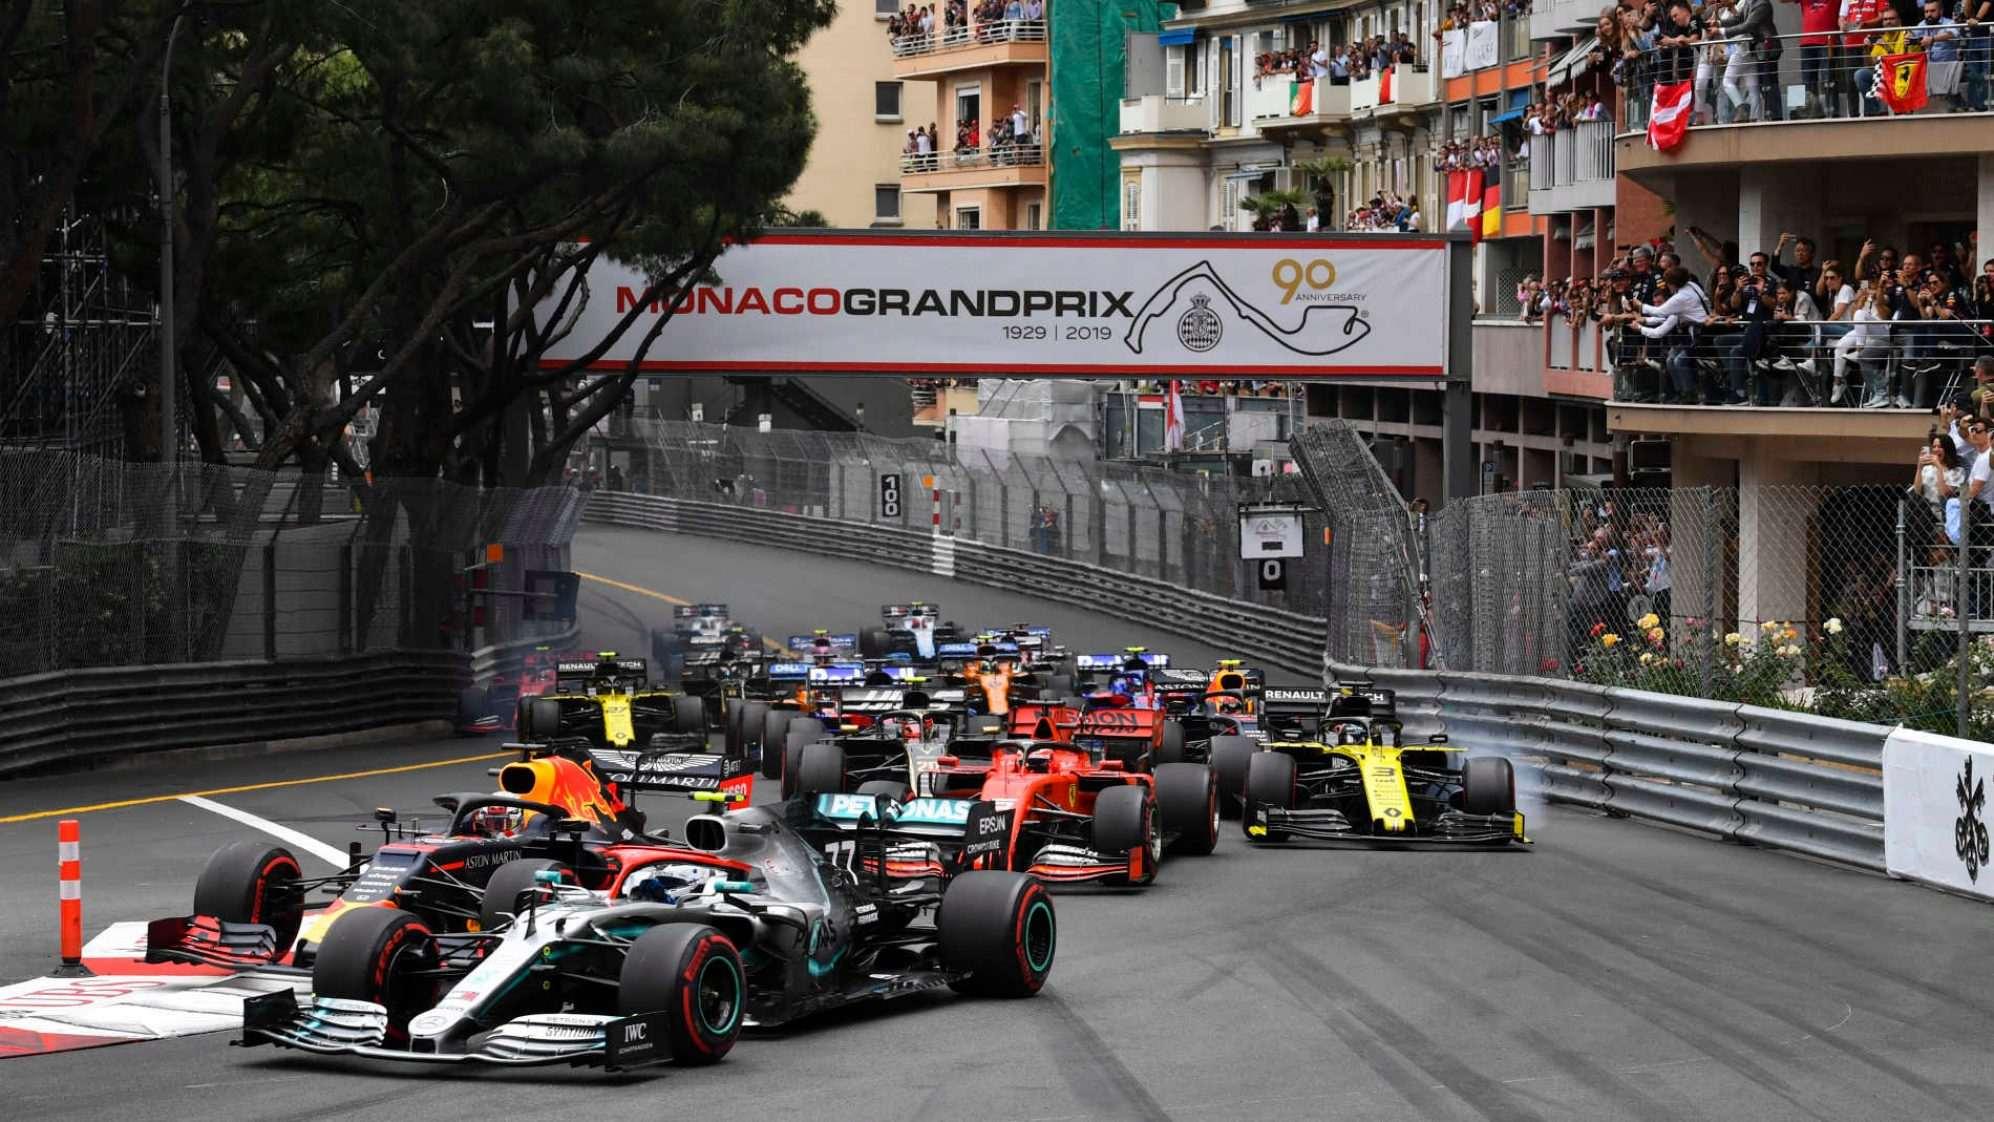 Gp Monaco 2019 1